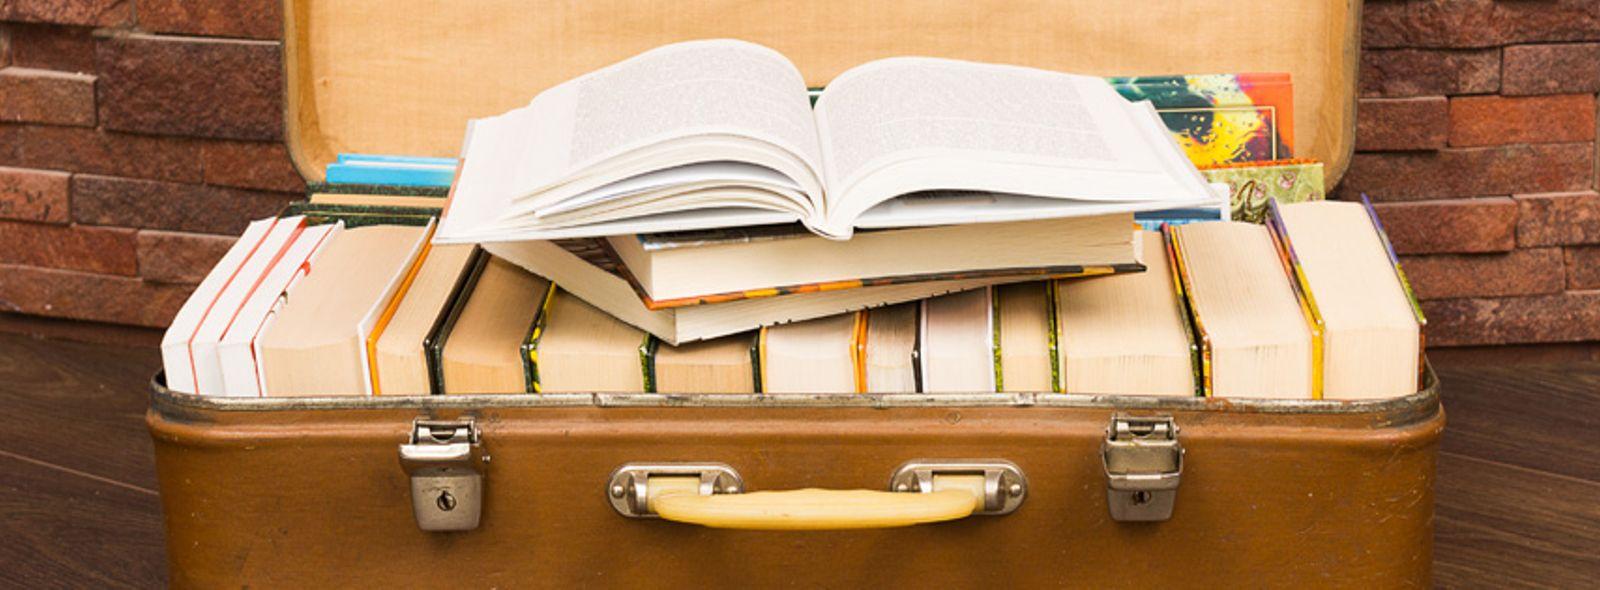 Migliori destinazioni vacanza studio